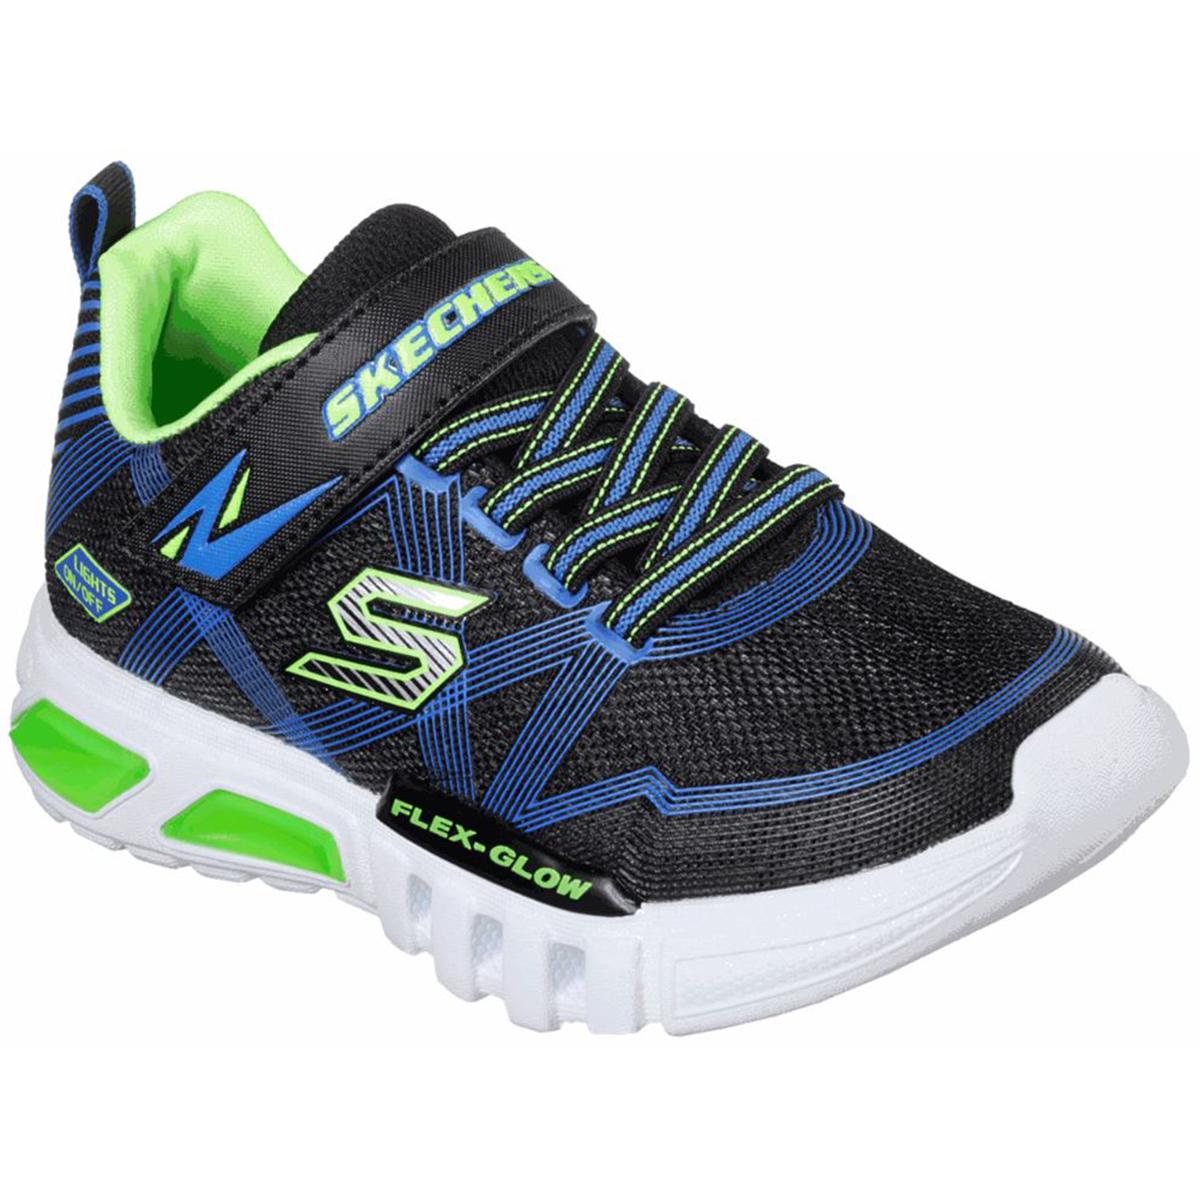 Skechers Kids' Flex Glow Lights Sneakers - Black, 12